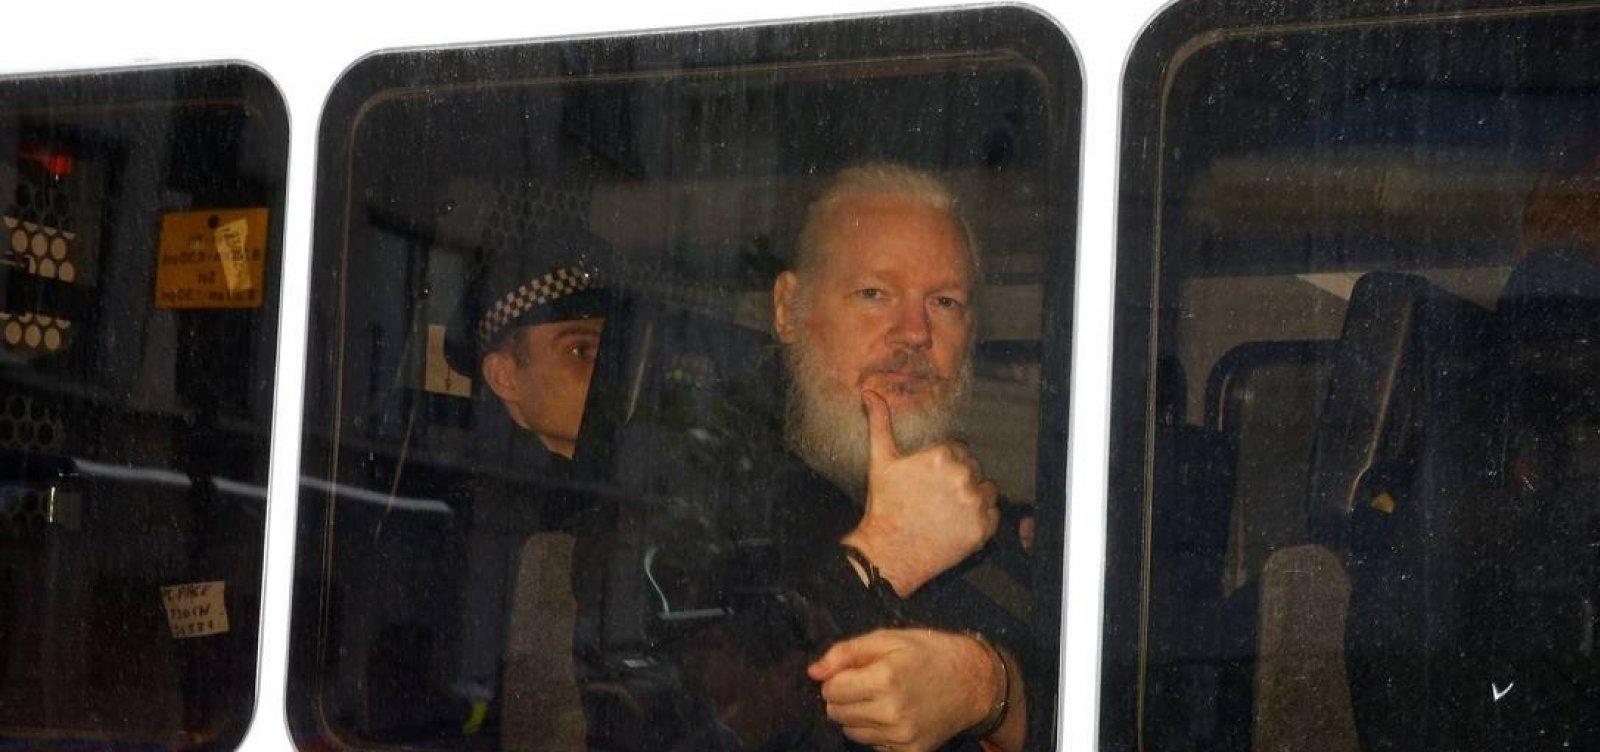 [Fundador do WikiLeaks, Julian Assange é preso em Londres]